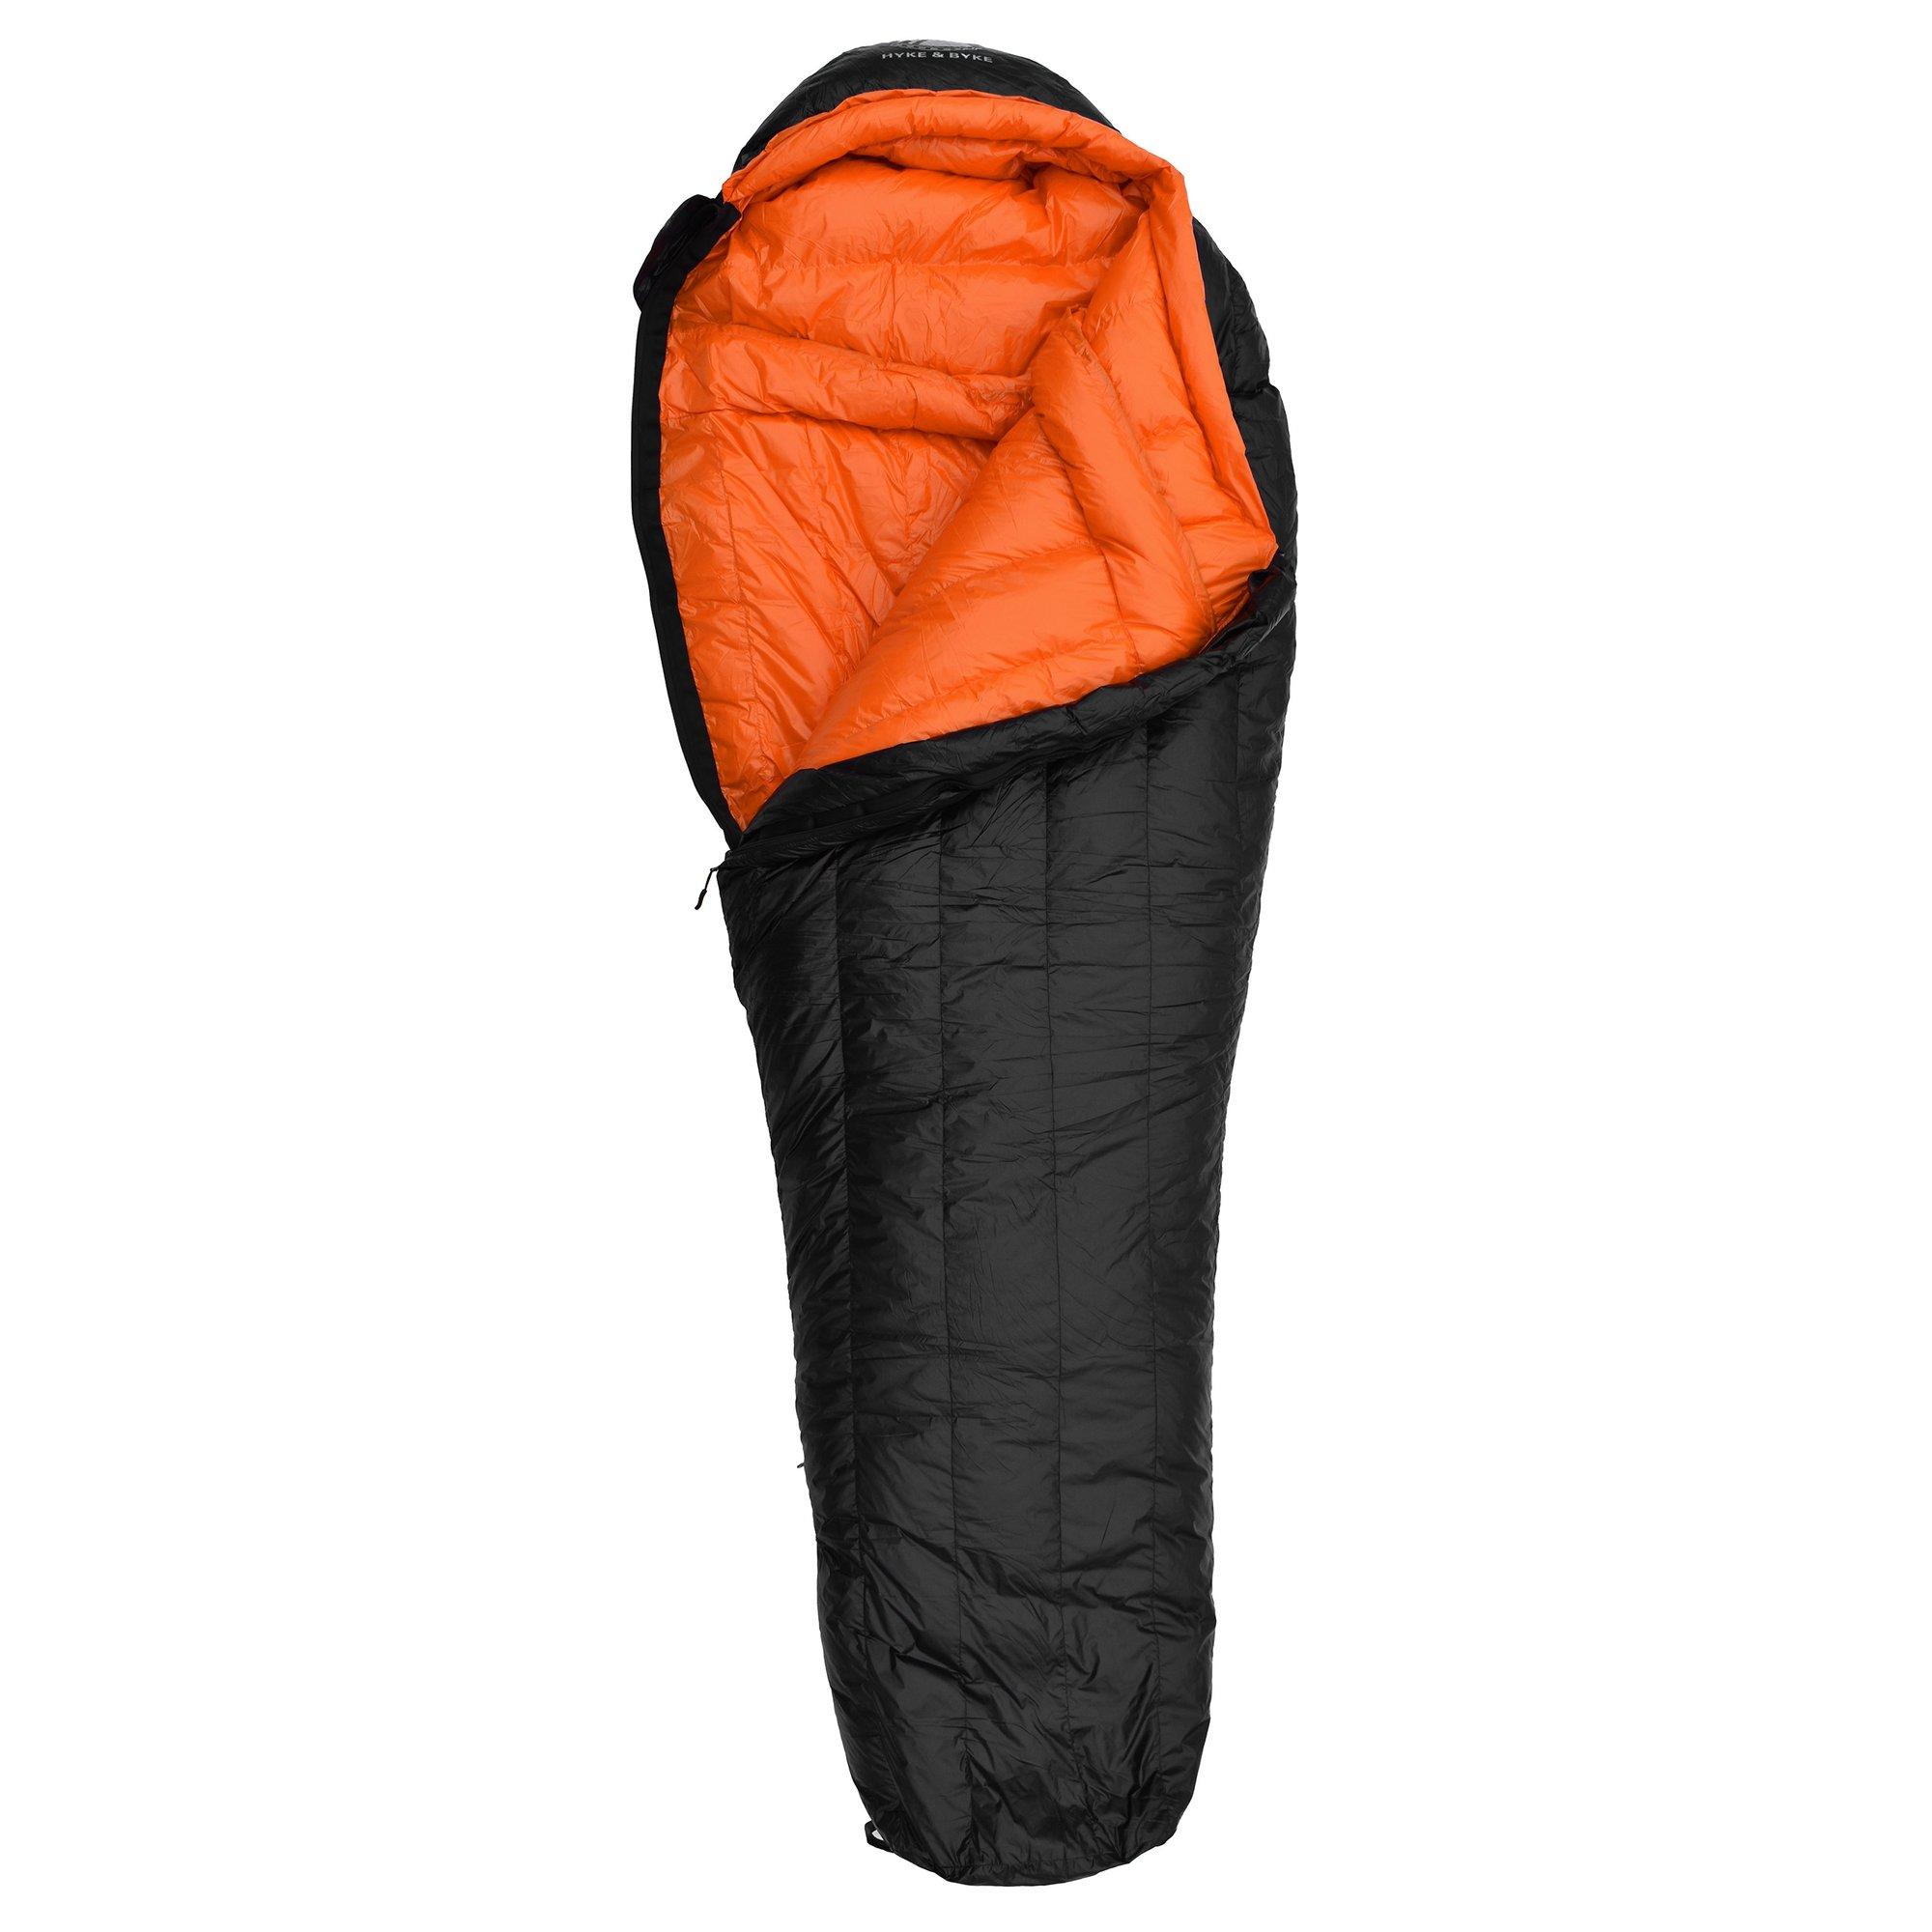 photo: Hyke & Byke Eolus 0°F Ultralight 800 Fill Power 3-season down sleeping bag